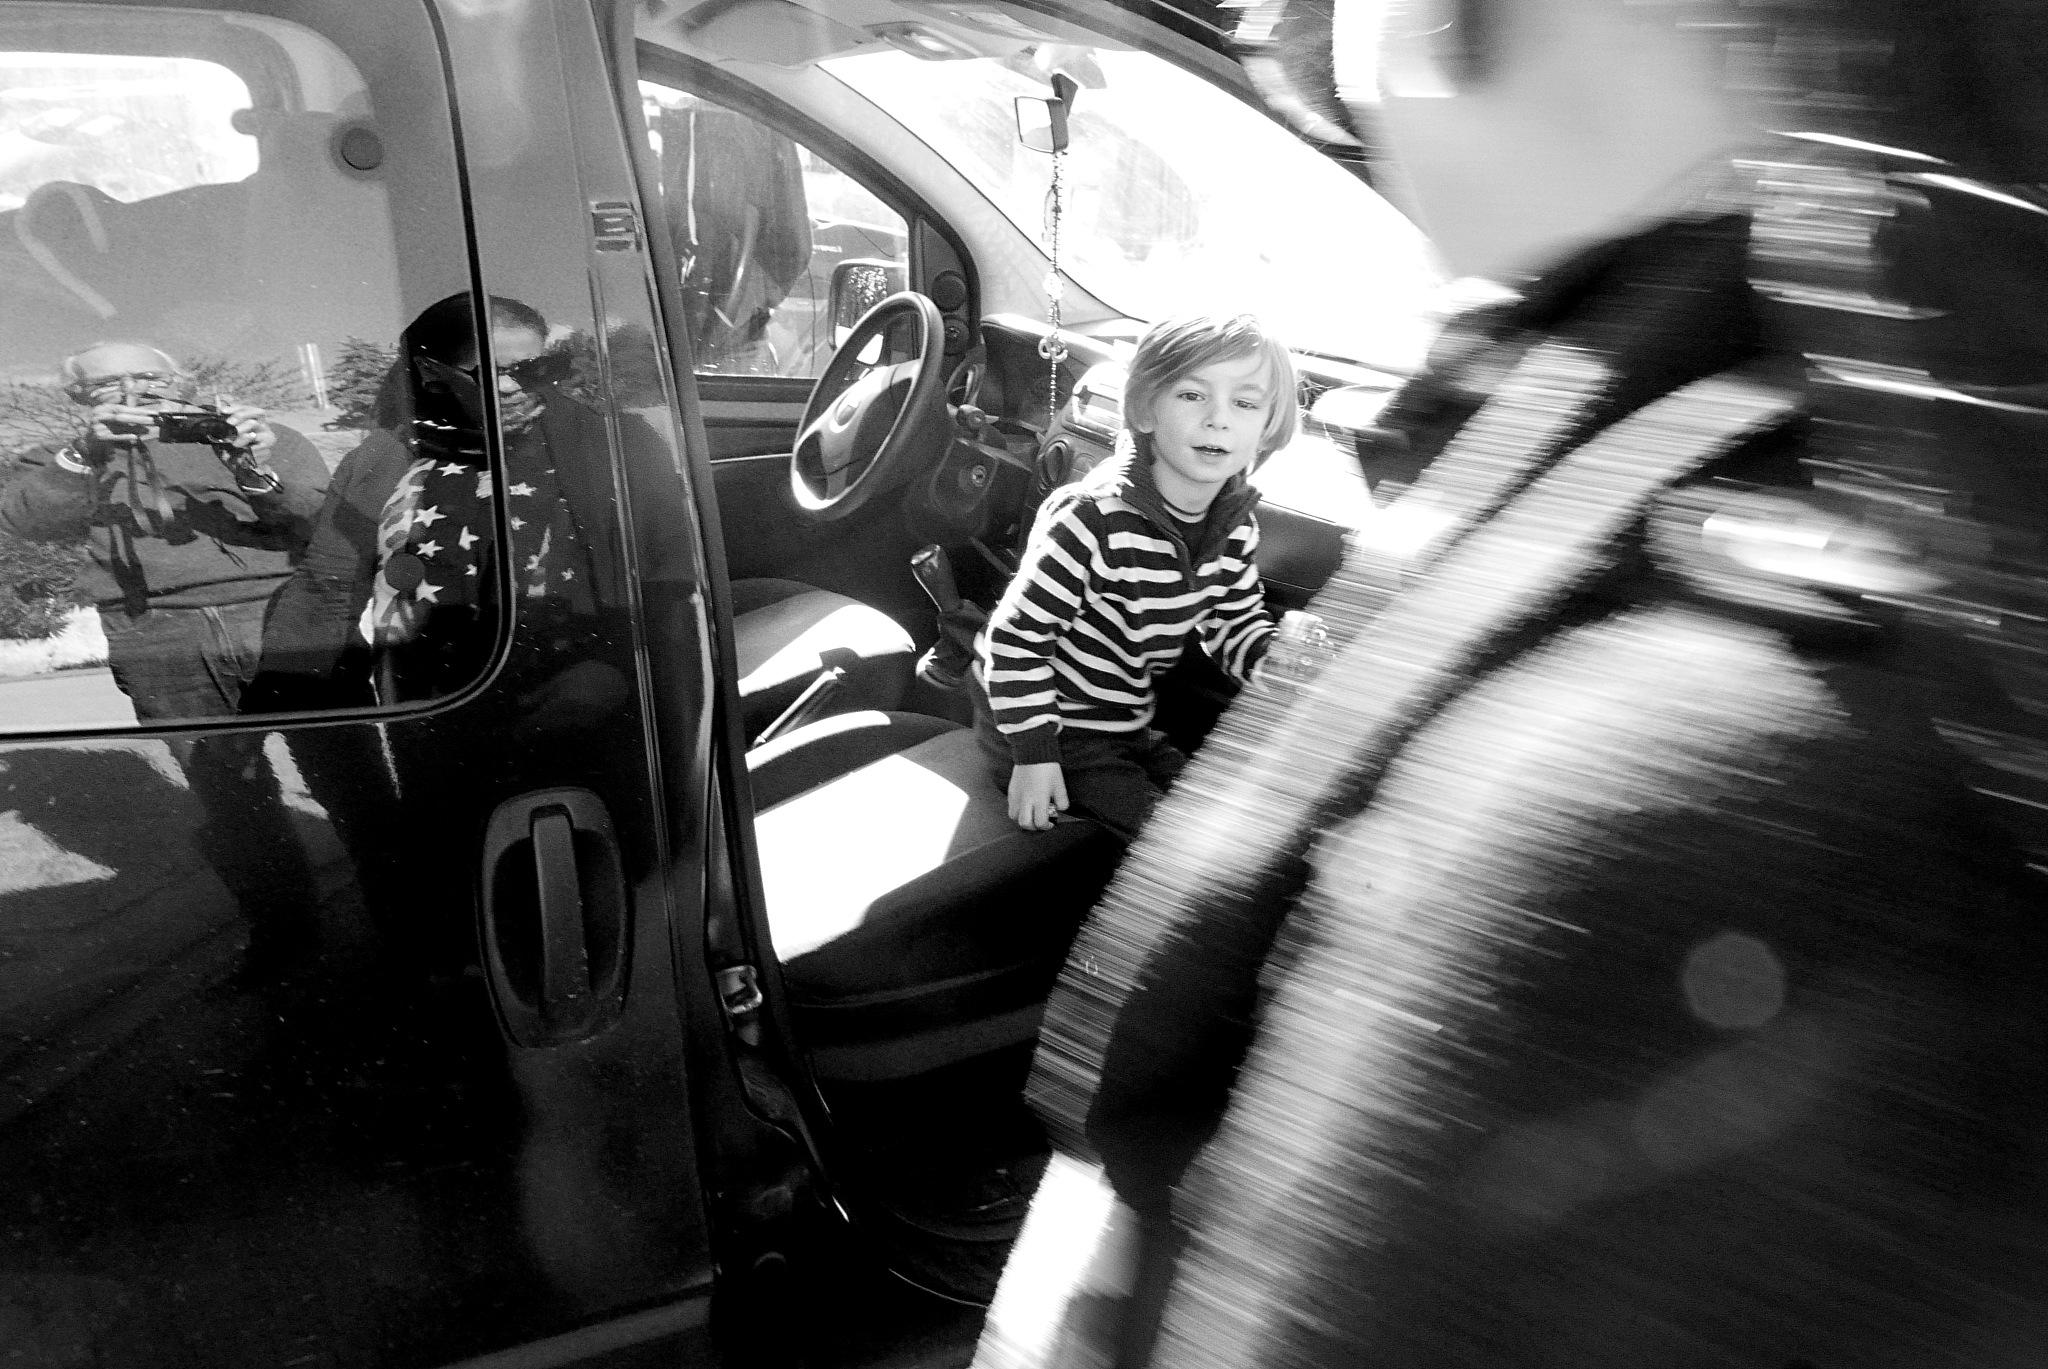 Selfie on car by Gérard Barré